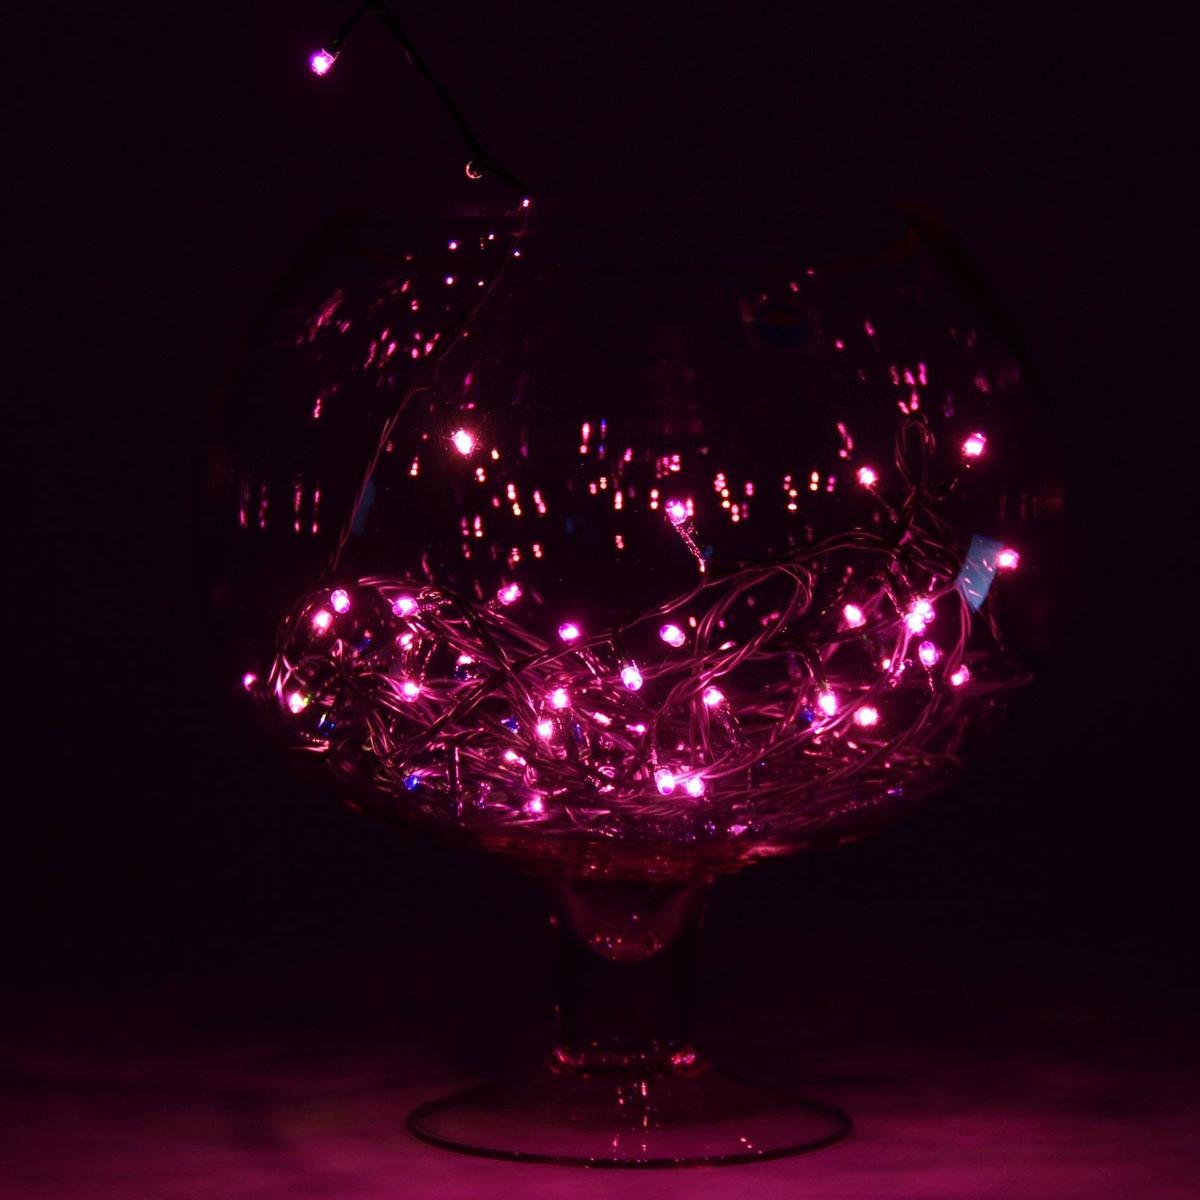 Гирлянда светодиодная Luazon Метраж, цвет: фиолетовый, 50 ламп, 8 режимов, 220 V, длина 3,5 м187154Светодиодные гирлянды и ленты — это отличный вариант для новогоднего оформления интерьера или фасада. С их помощью помещение любого размера можно превратить в праздничный зал, а внешние элементы зданий, украшенные ими, мгновенно станут напоминать очертания сказочного дворца. Такие украшения создают ауру предвкушения чуда. Деревья, фасады, витрины, окна и арки будто специально созданы, чтобы вы украсили их светящимися нитями.